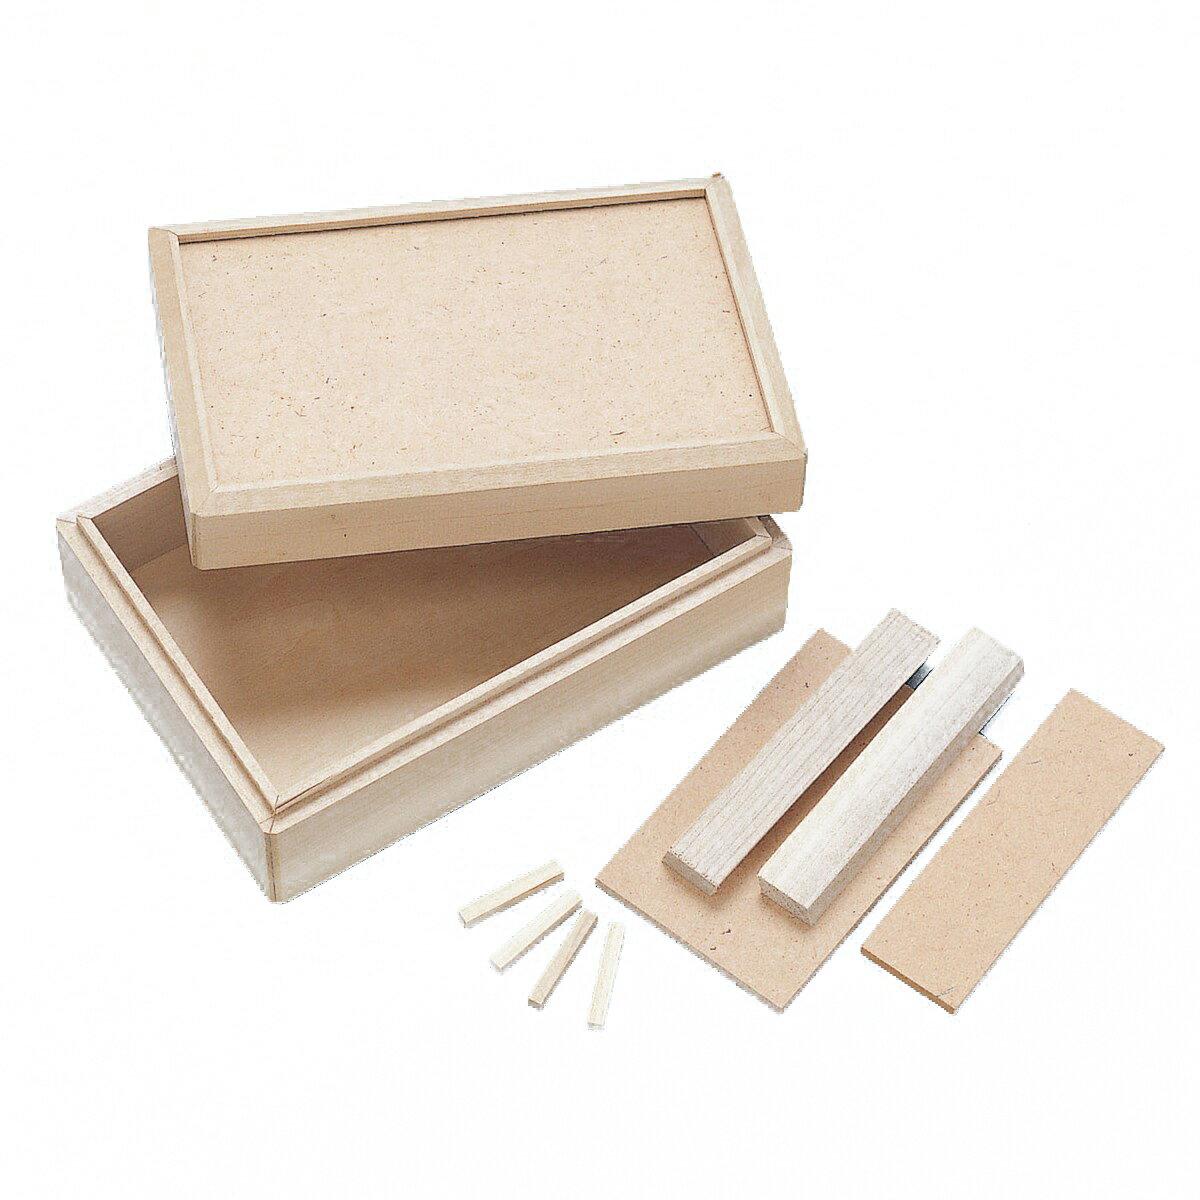 マルチボックス オルゴール箱 1015型 【 オルゴール 箱 制作 】